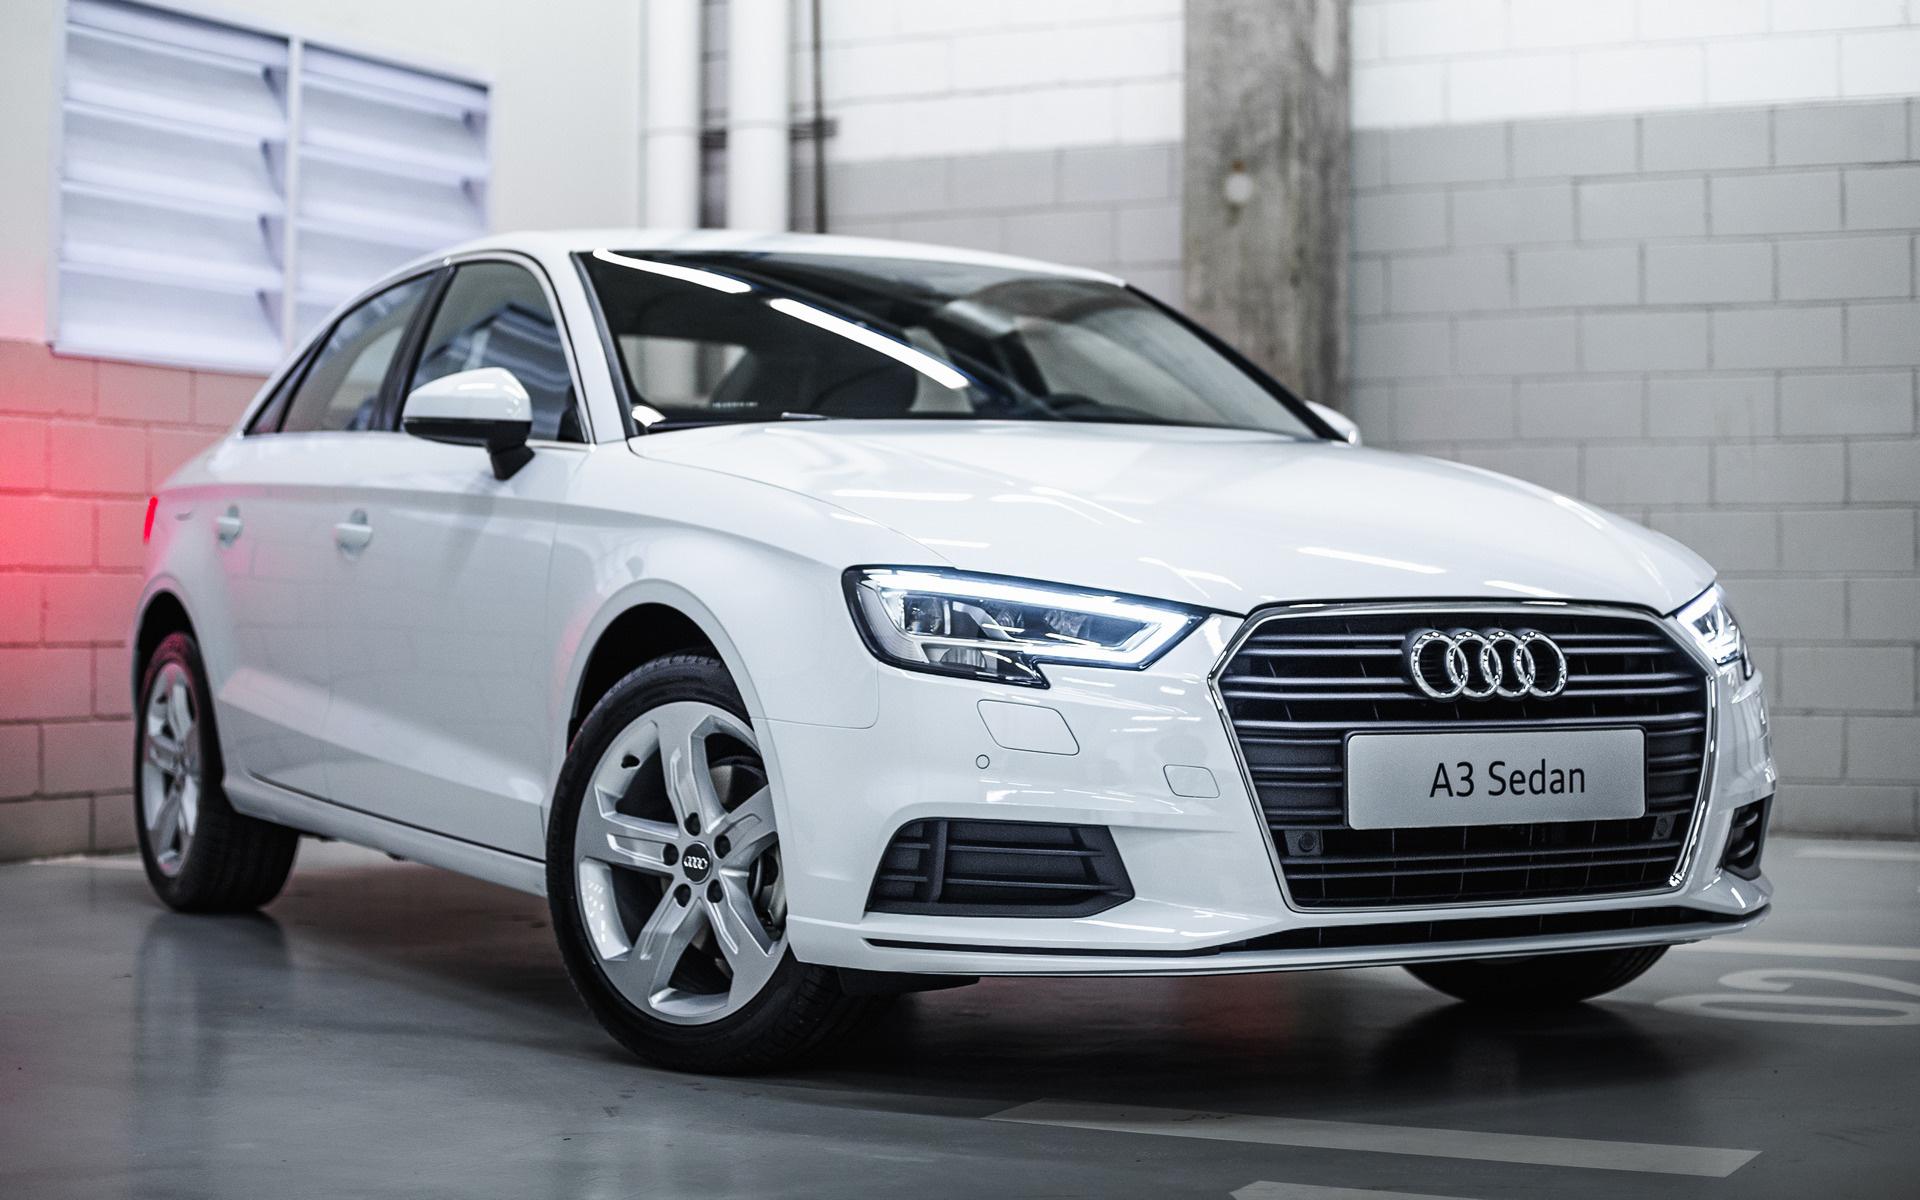 Kekurangan Audi A3 Sedan 2019 Top Model Tahun Ini